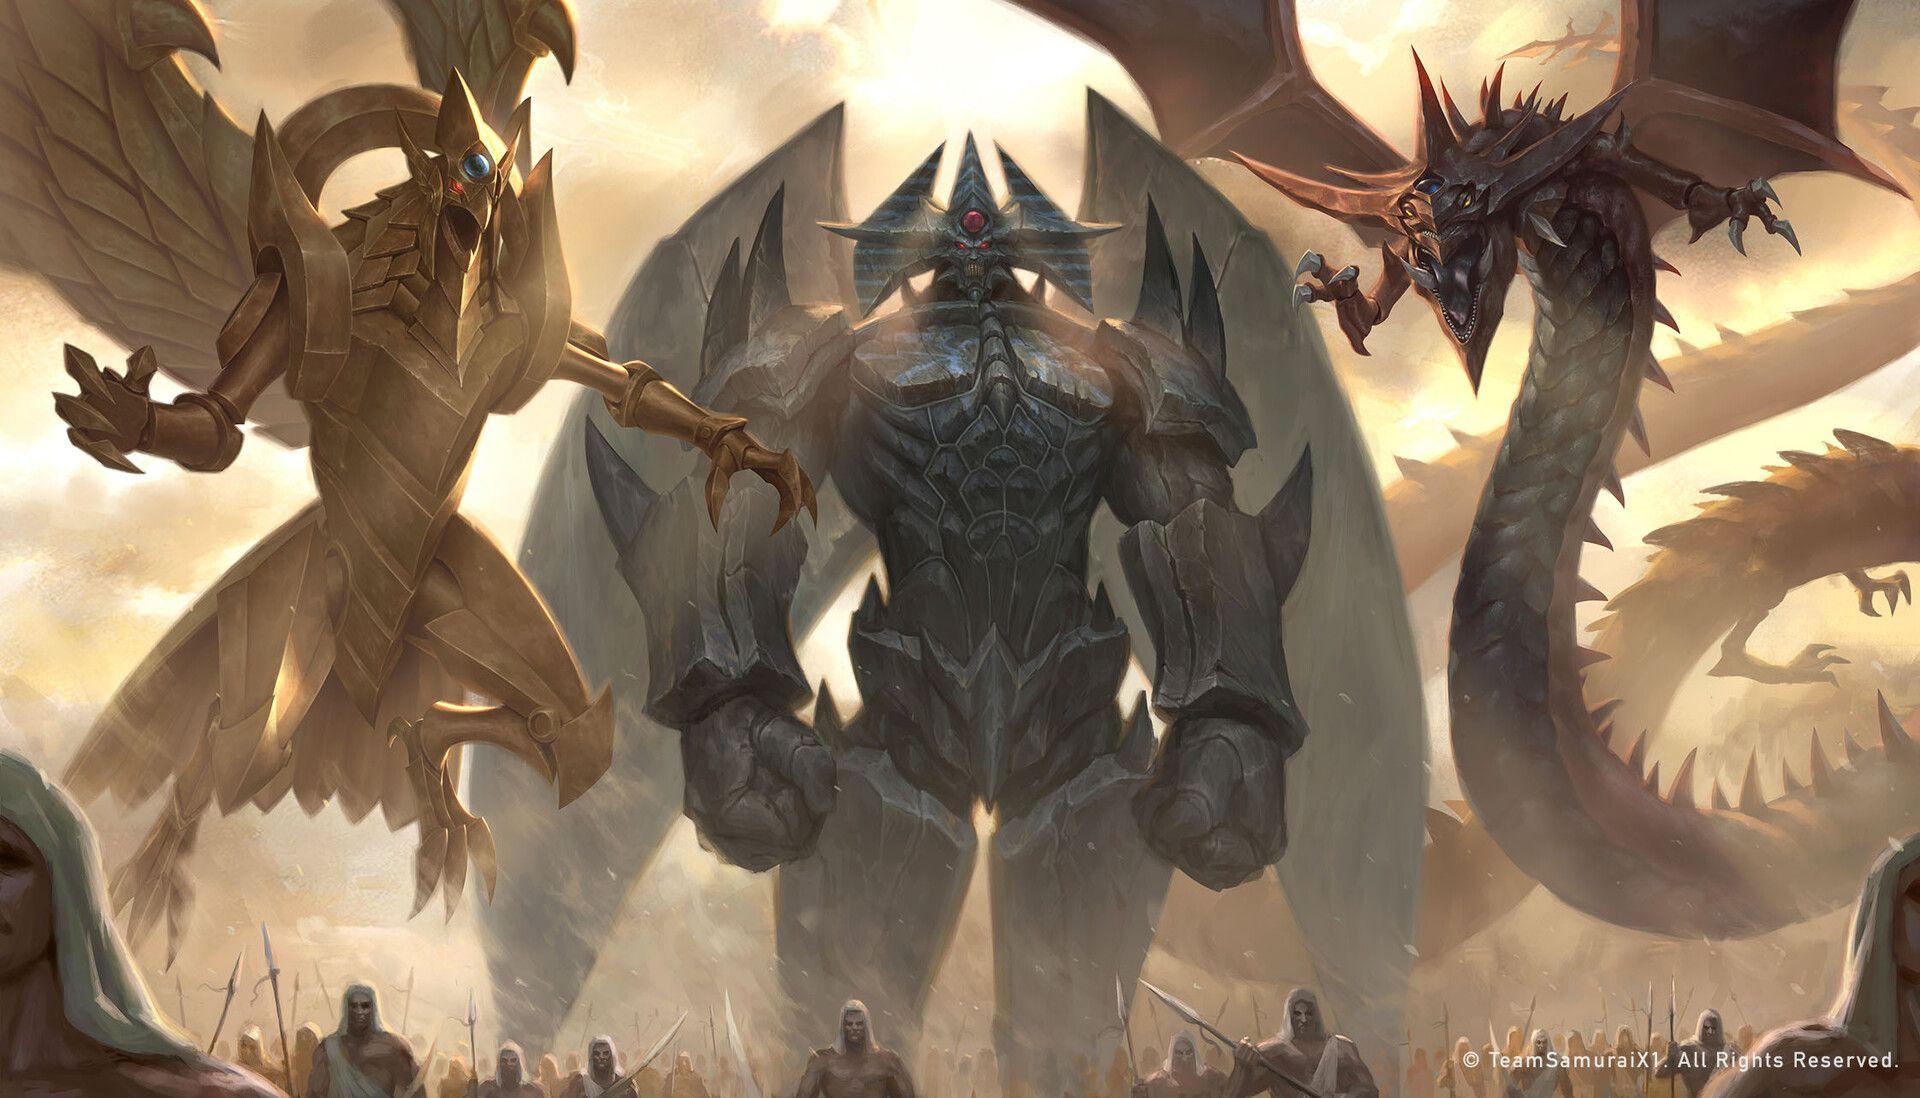 Egyptian Gods Gods Among Us In 2020 Anime Fight Yugioh Monsters Yugioh Dragons